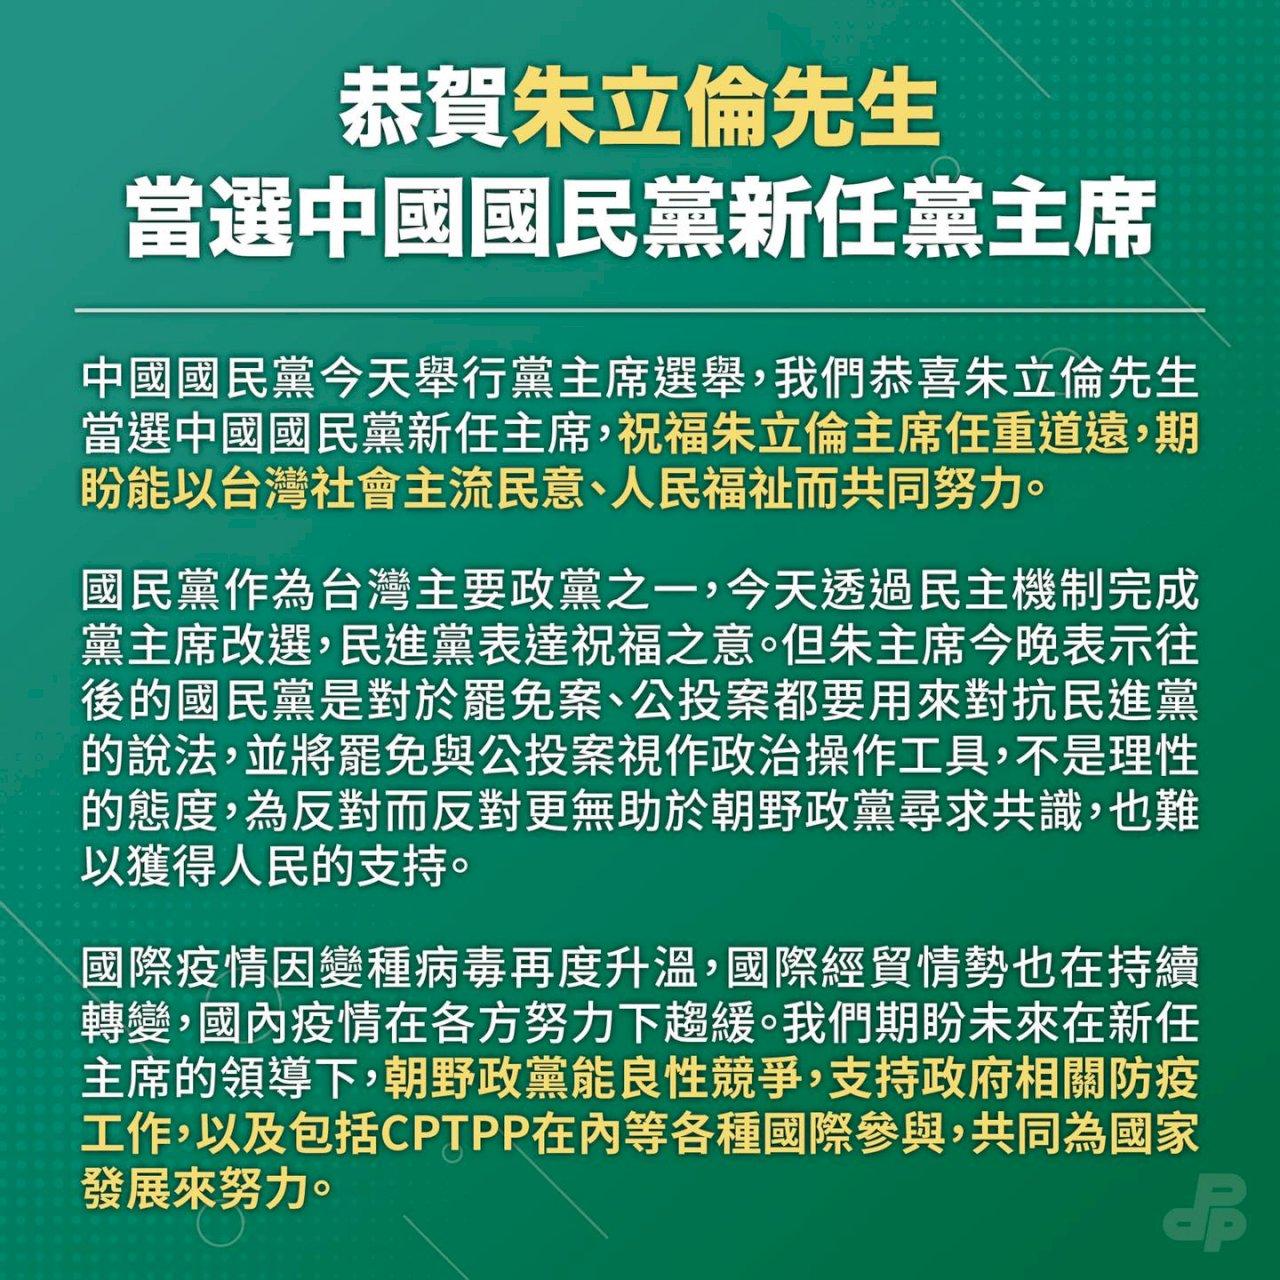 賀朱立倫當選 民進黨:盼支持政府防疫與國際參與